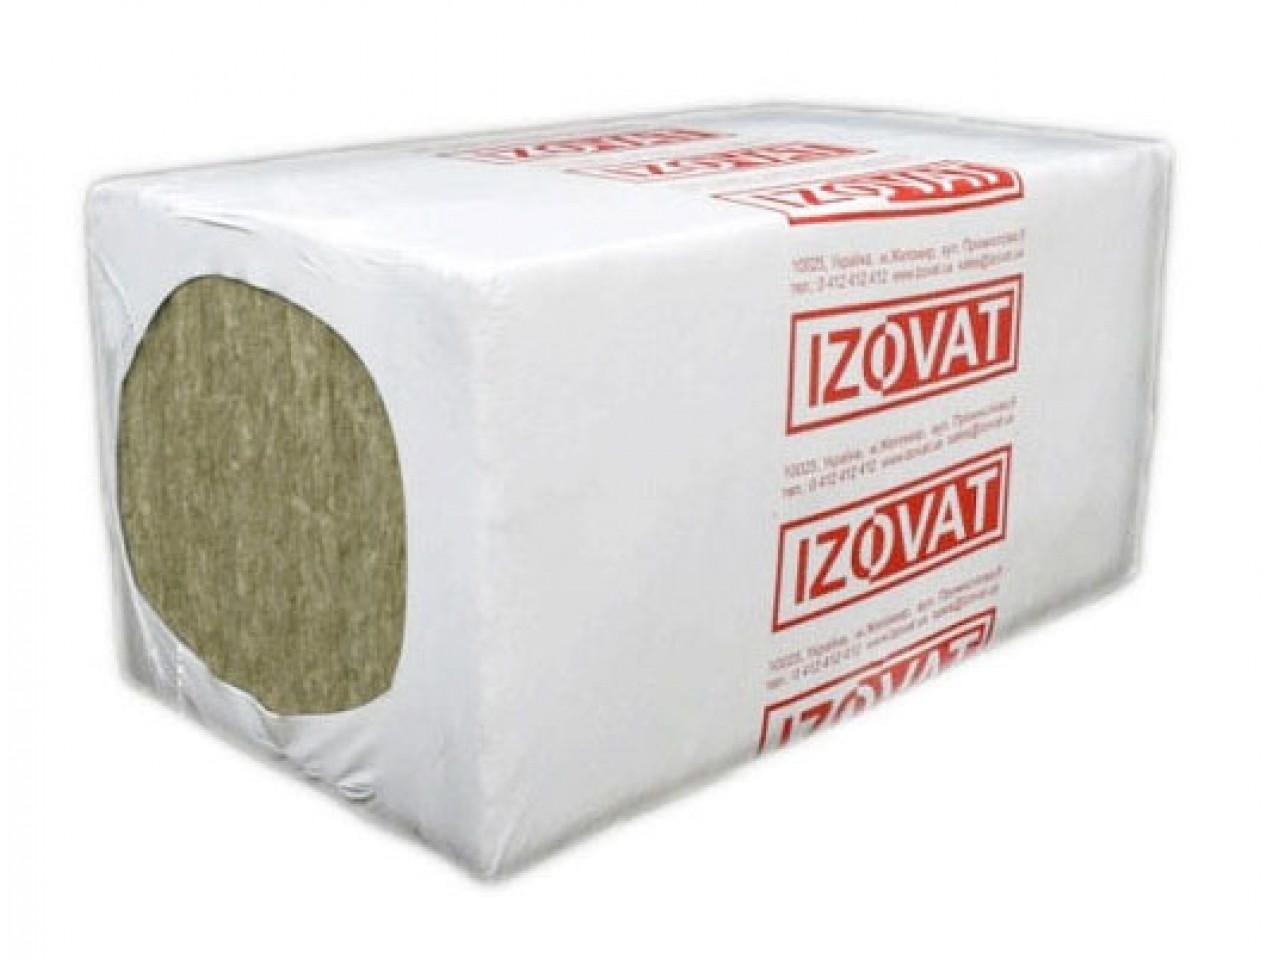 Утеплитель базальтовый 30 Izovat (1000x600x100) - 3 кв.м/уп